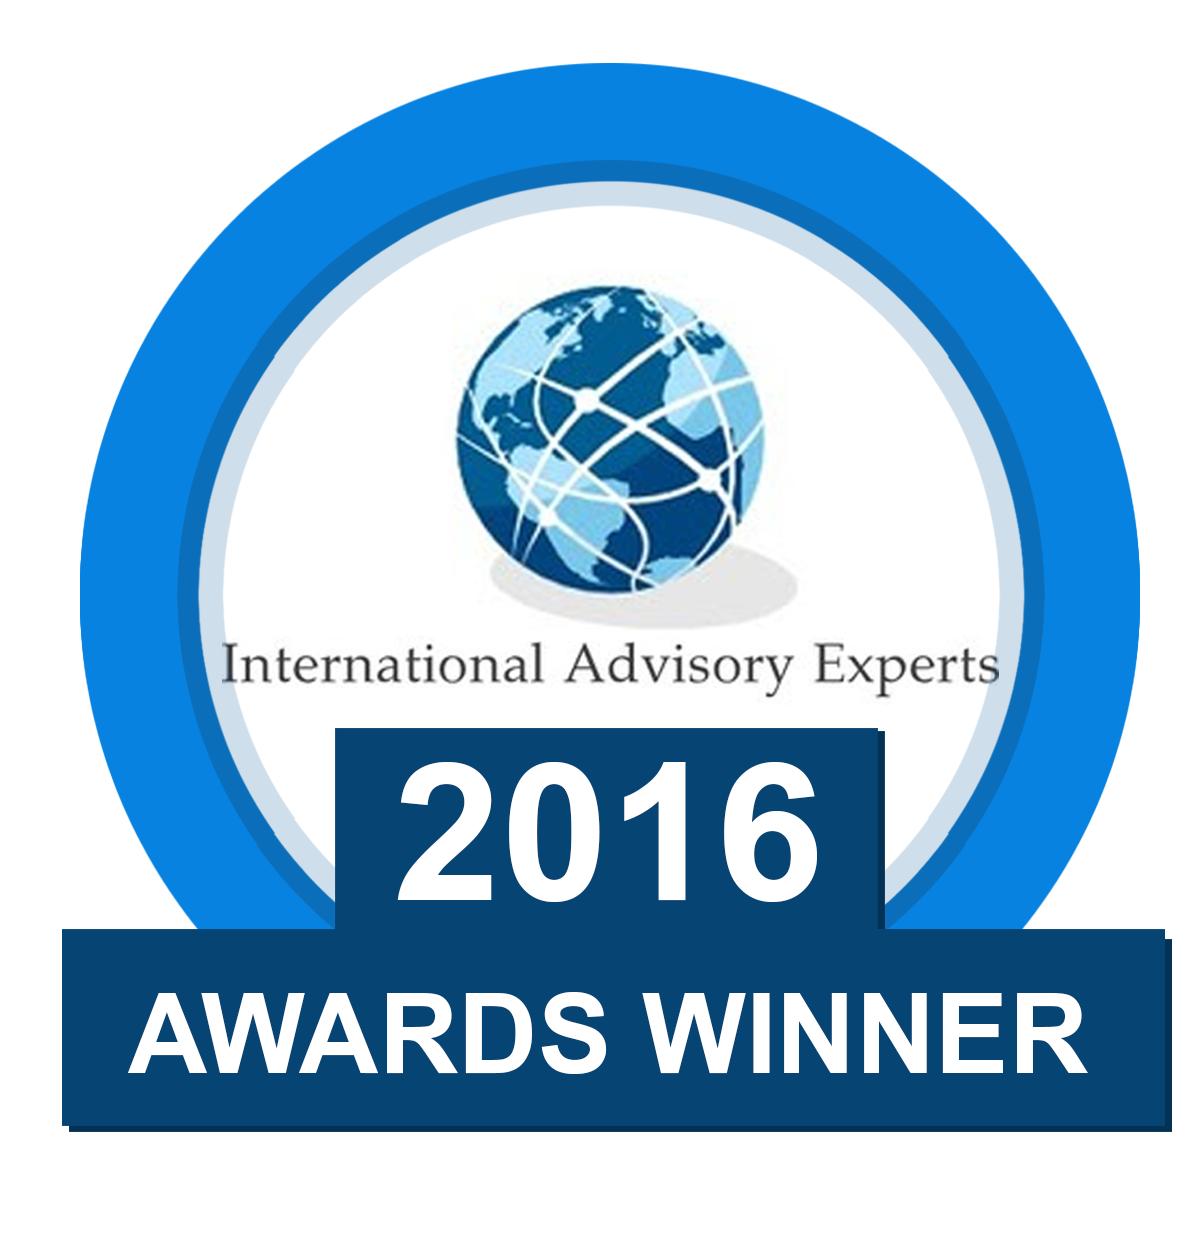 International Advisory Experts 2016 Awards Winner Tahir Ashraf